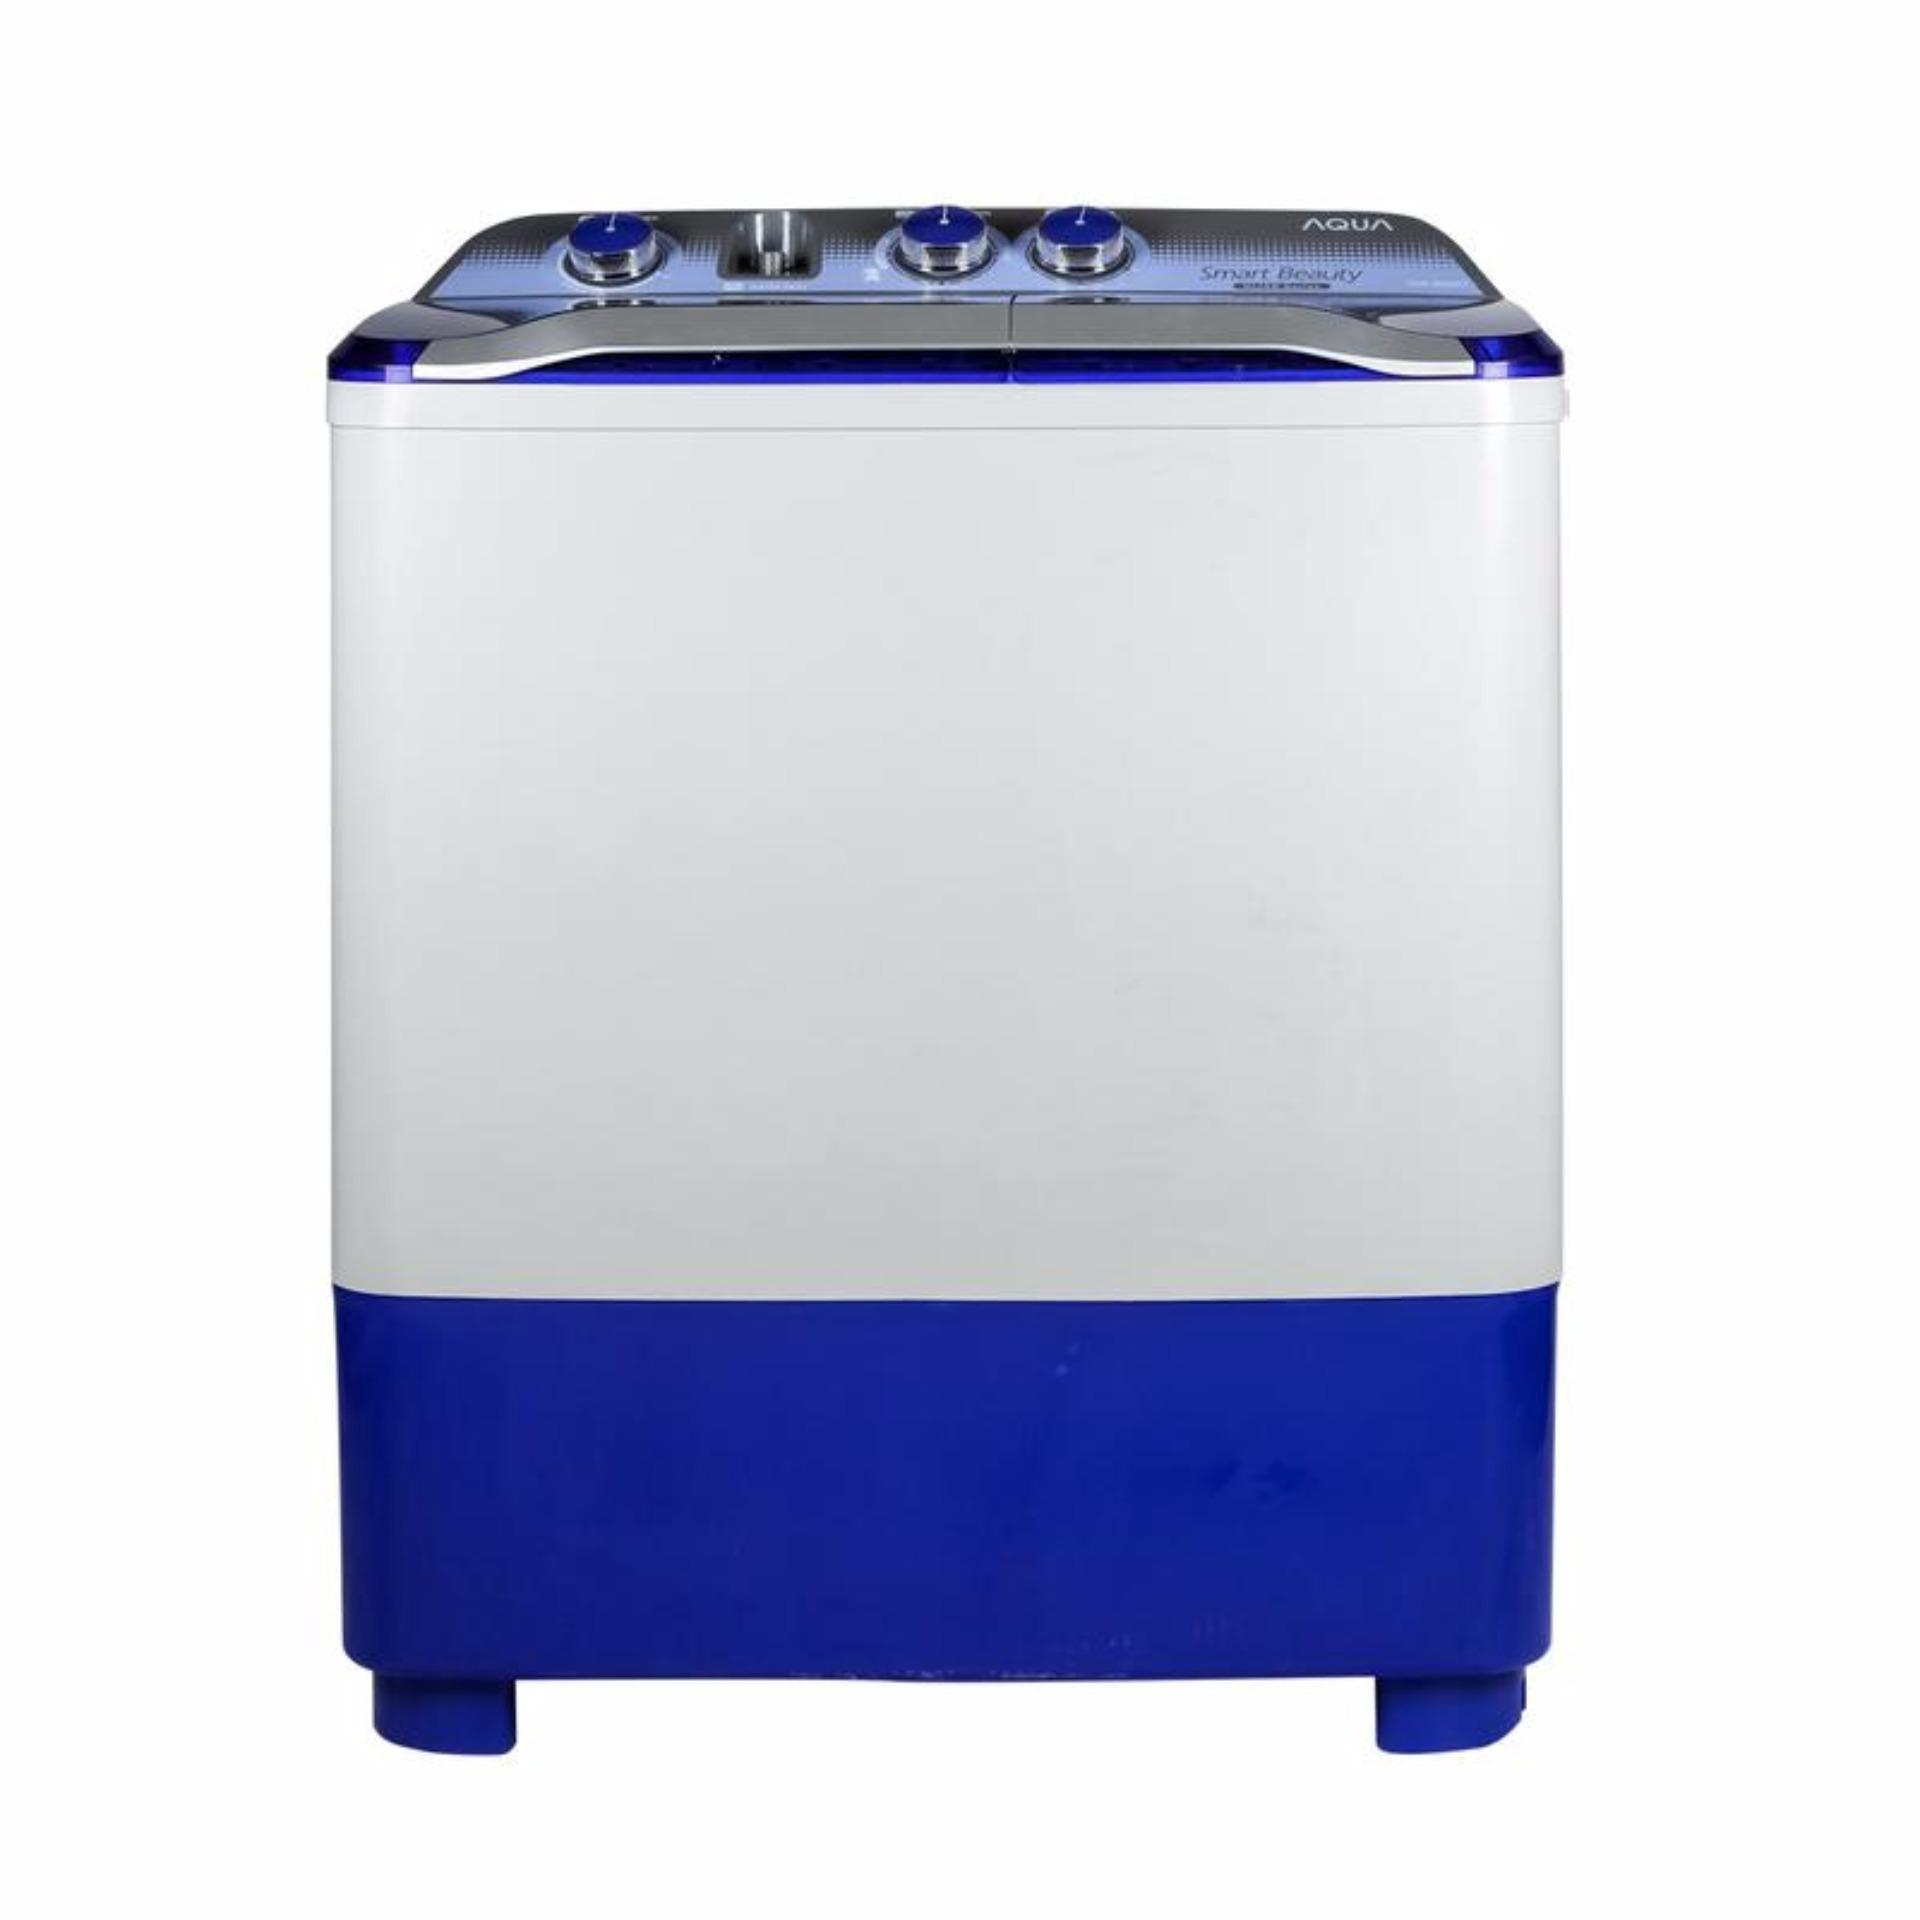 Aqua - Qw 880 Xt - Mesin Cuci 2 Tabung - Blue